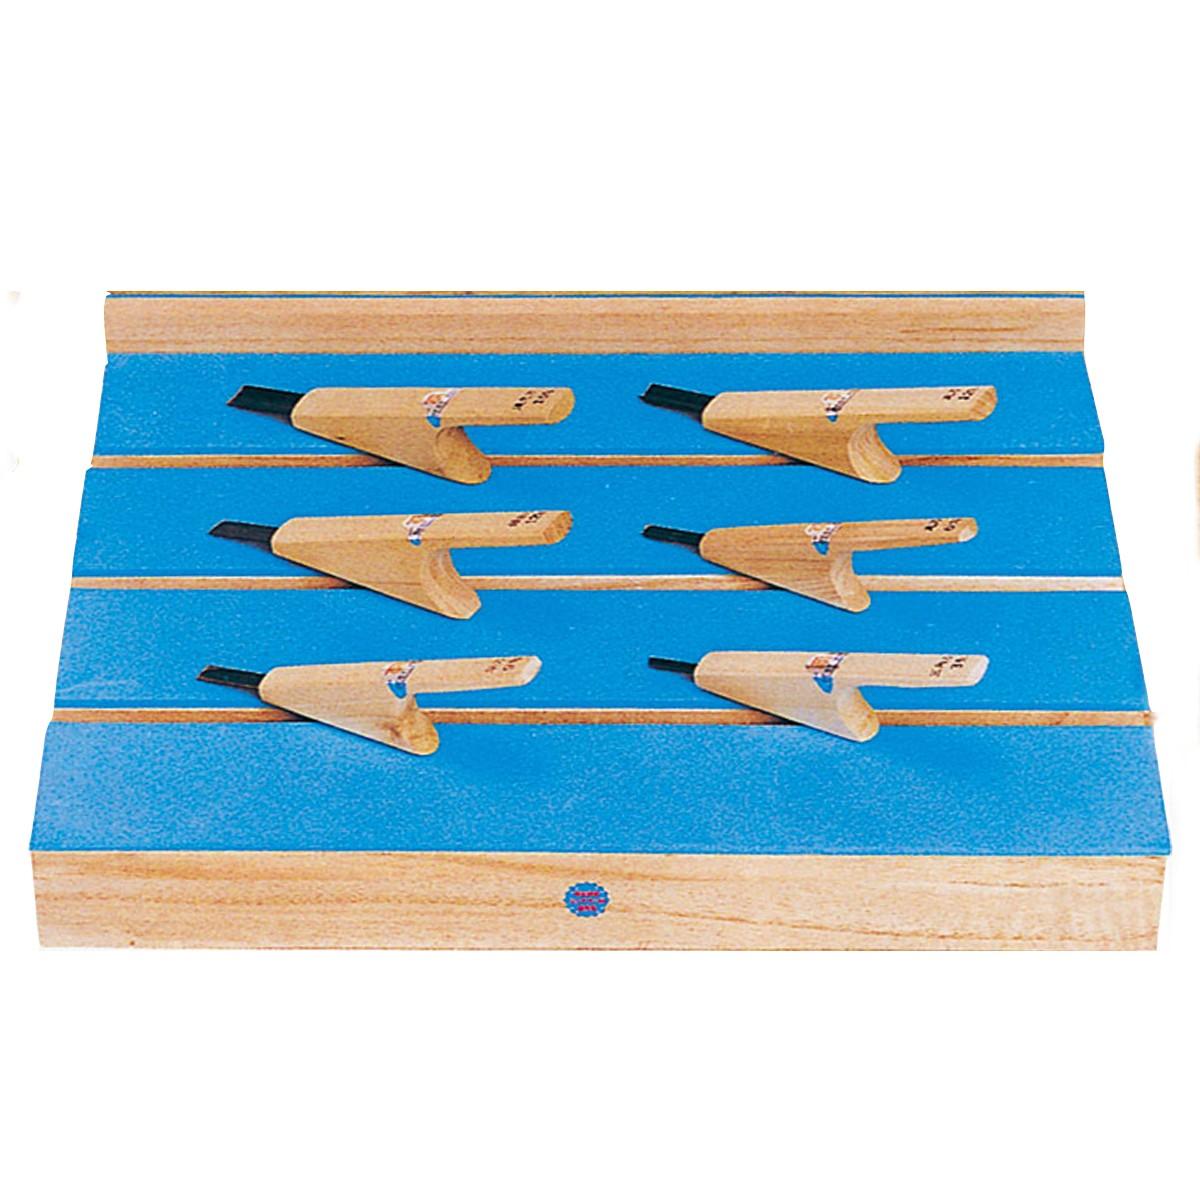 身楽流(ミラクル) 木彫りセット 【 木工 木彫 木工具 木彫刀 セット 】